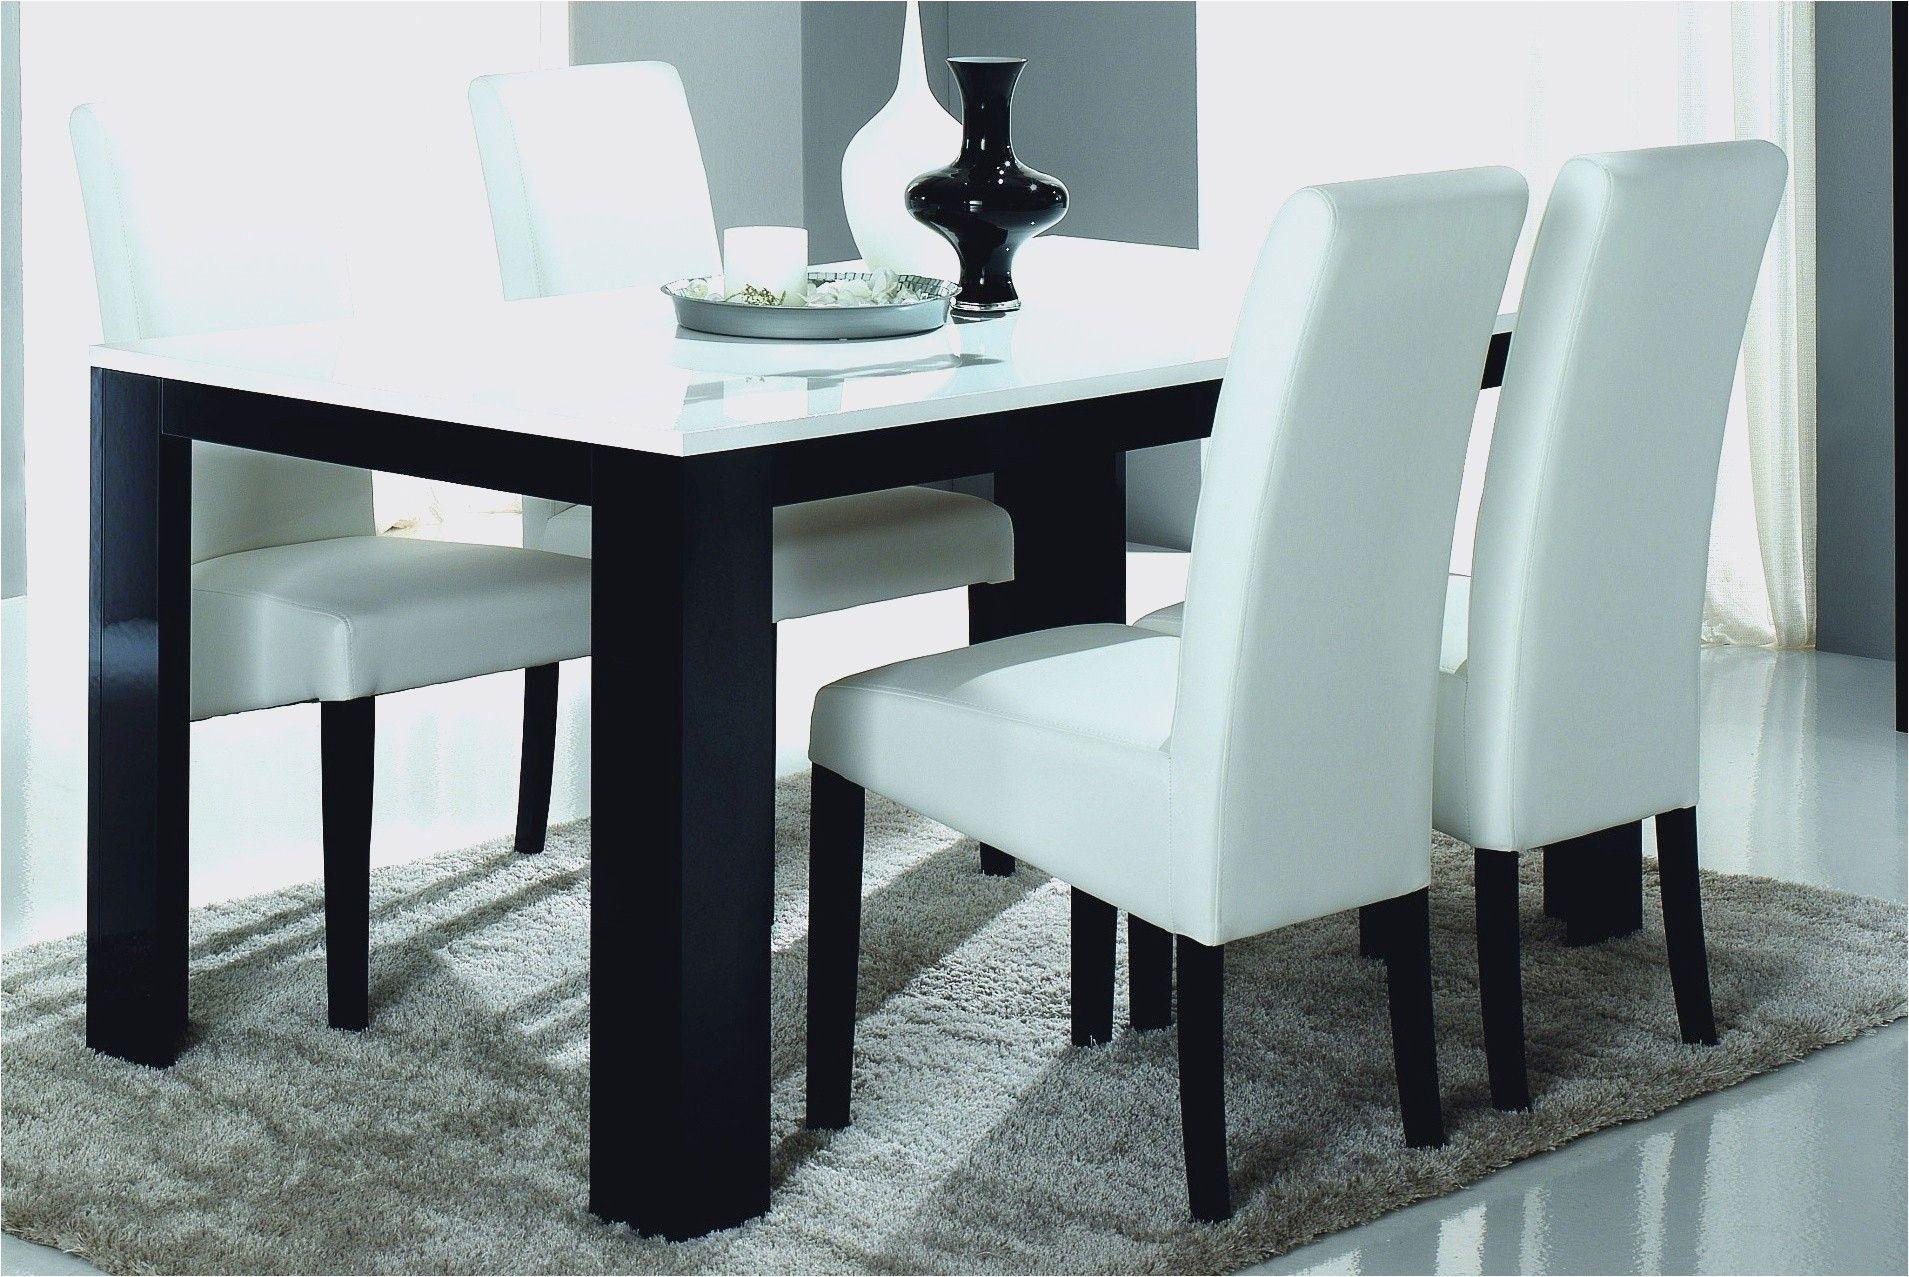 Lovely Chaise Salle A Manger Design Pas Cher Dining Table Design Dining Table White Dining Table